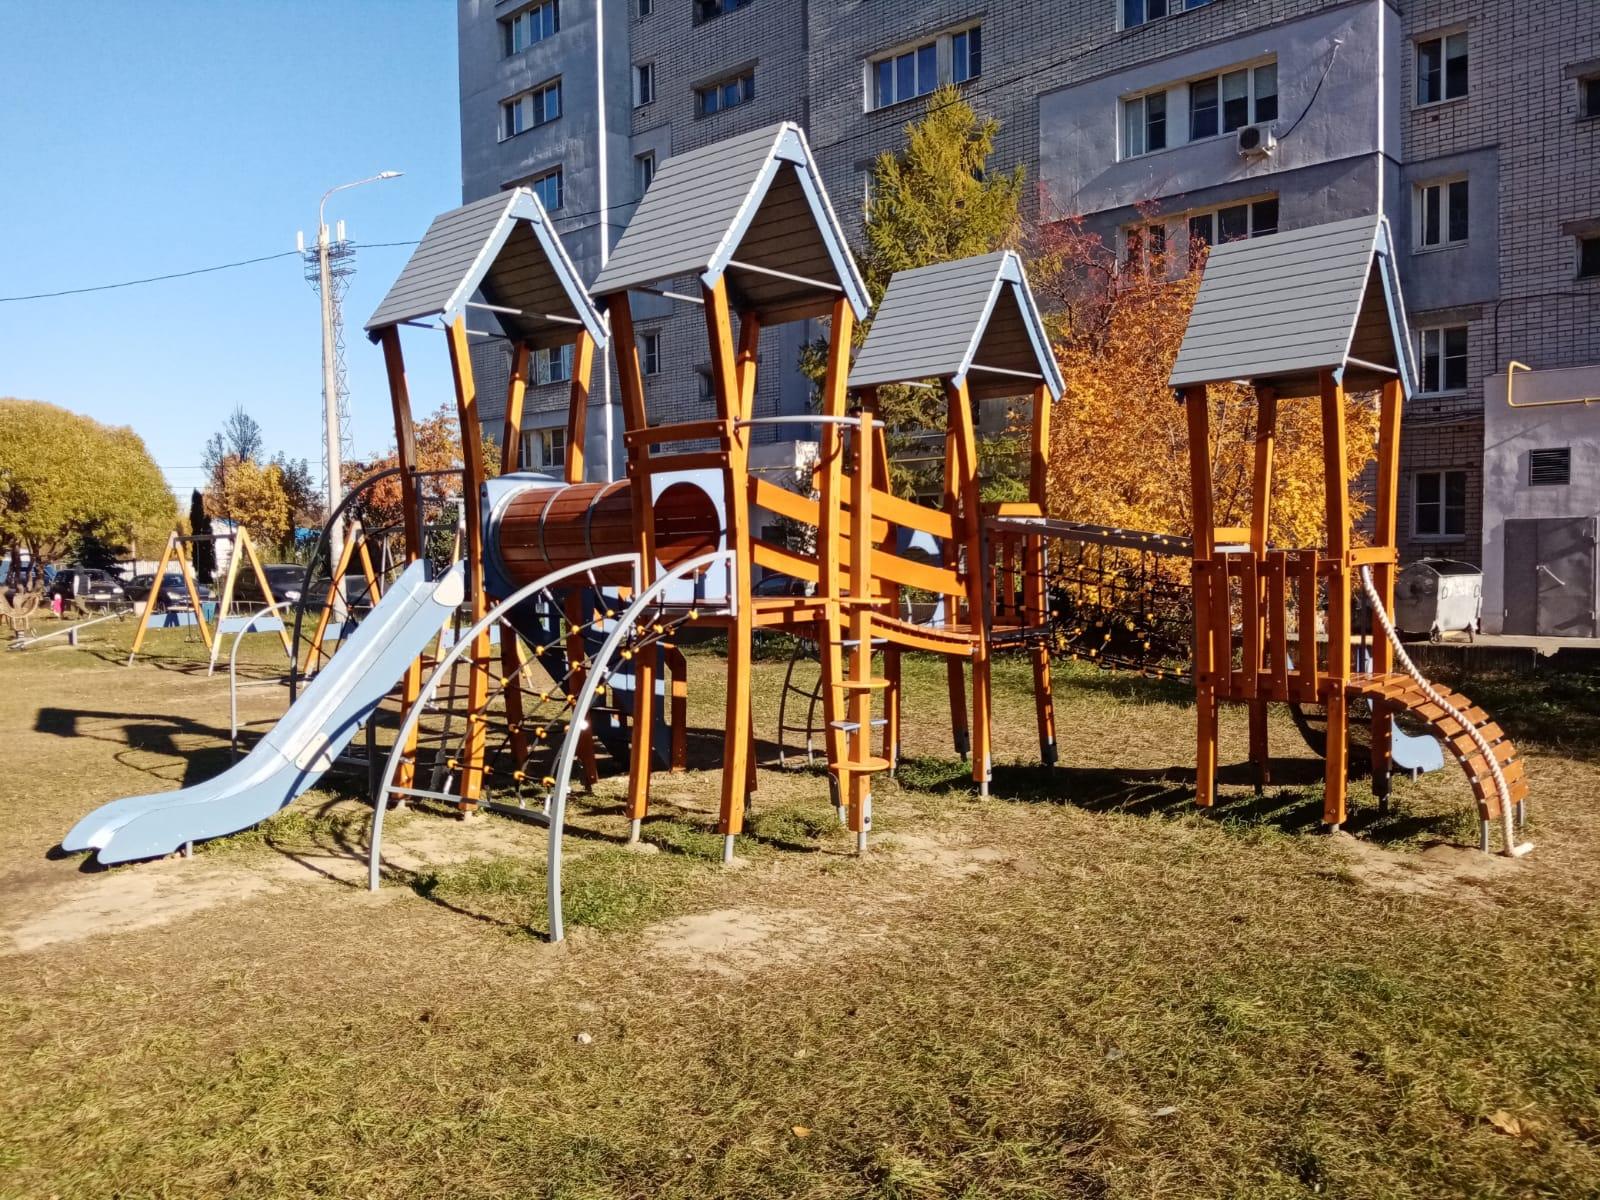 Четыре детские площадки обустроили в Канавине Нижнего Новгорода - фото 1